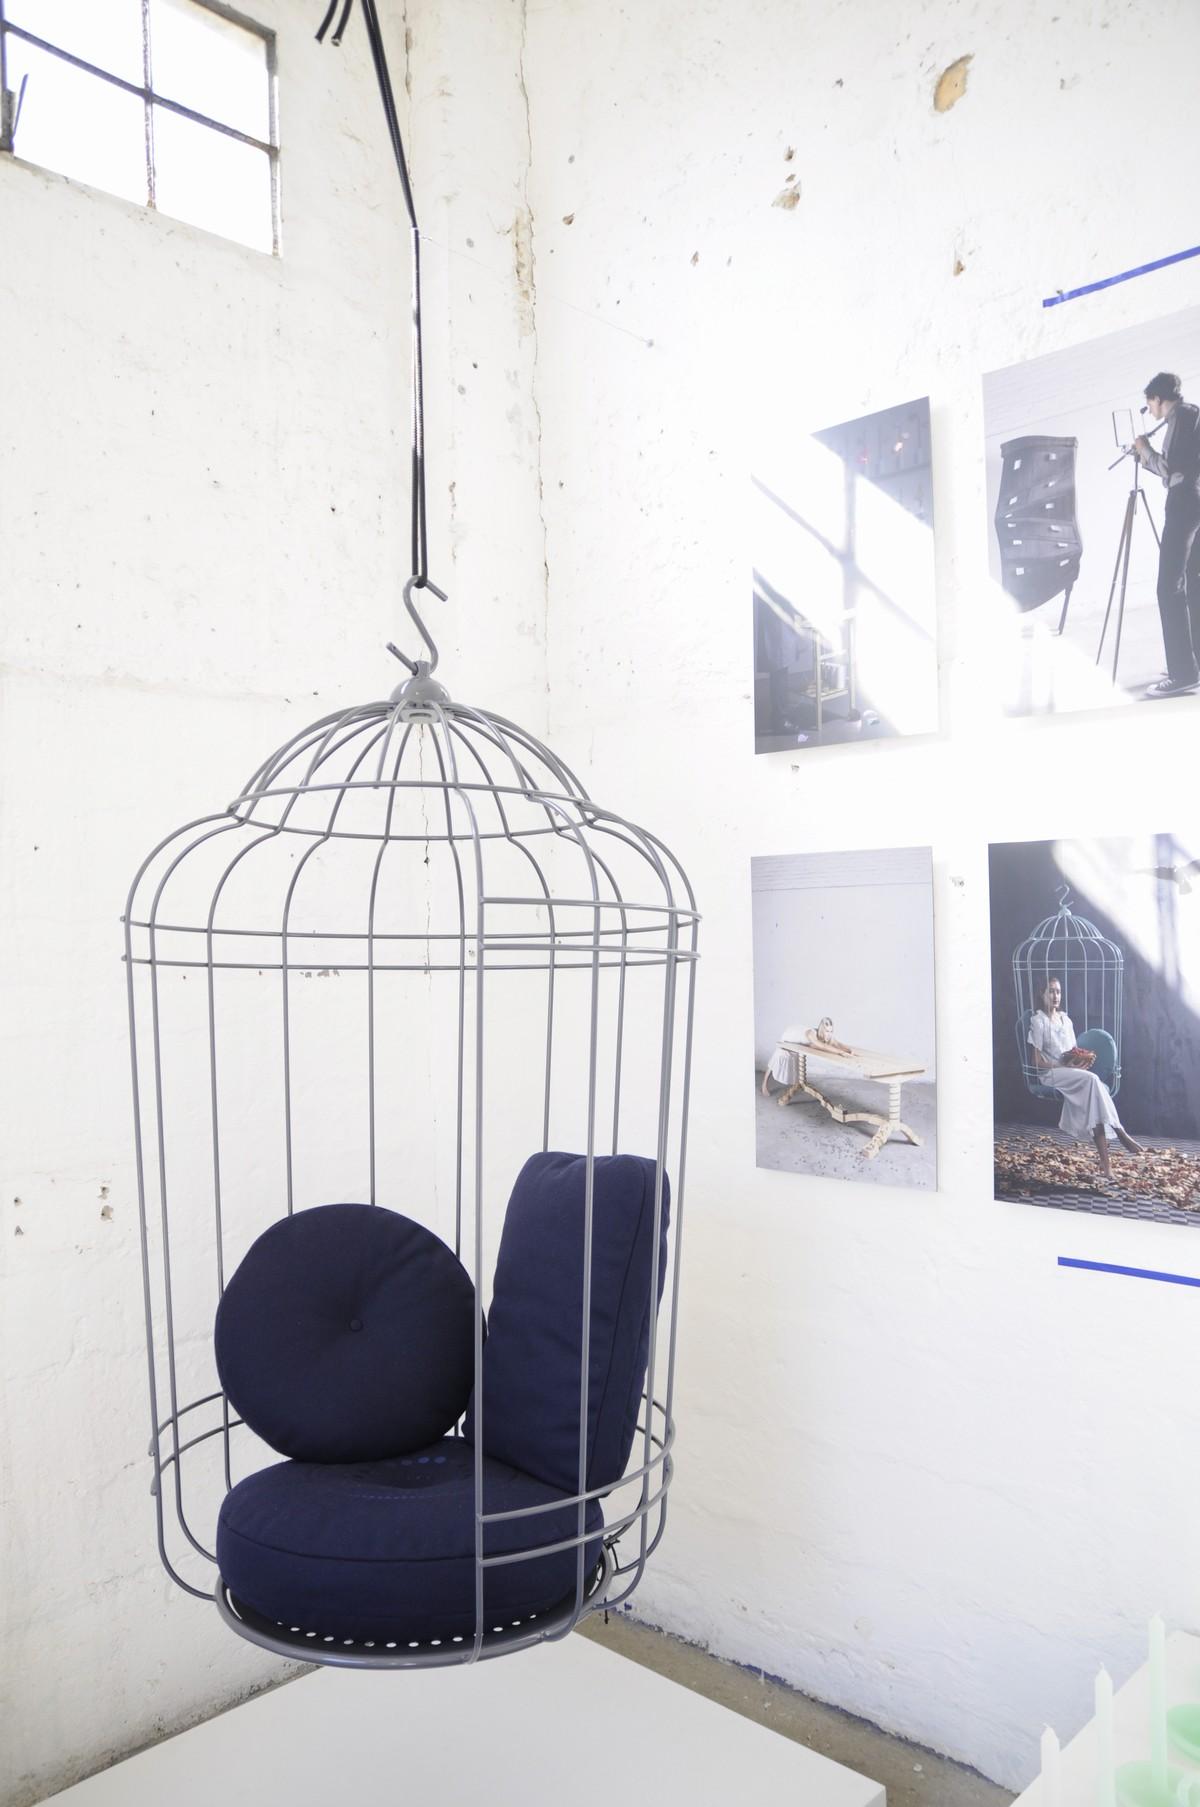 Design Hangstoel Binnen.Cageling Van Ontwerpduo Online Kopen Gimmii Verzendt Gratis